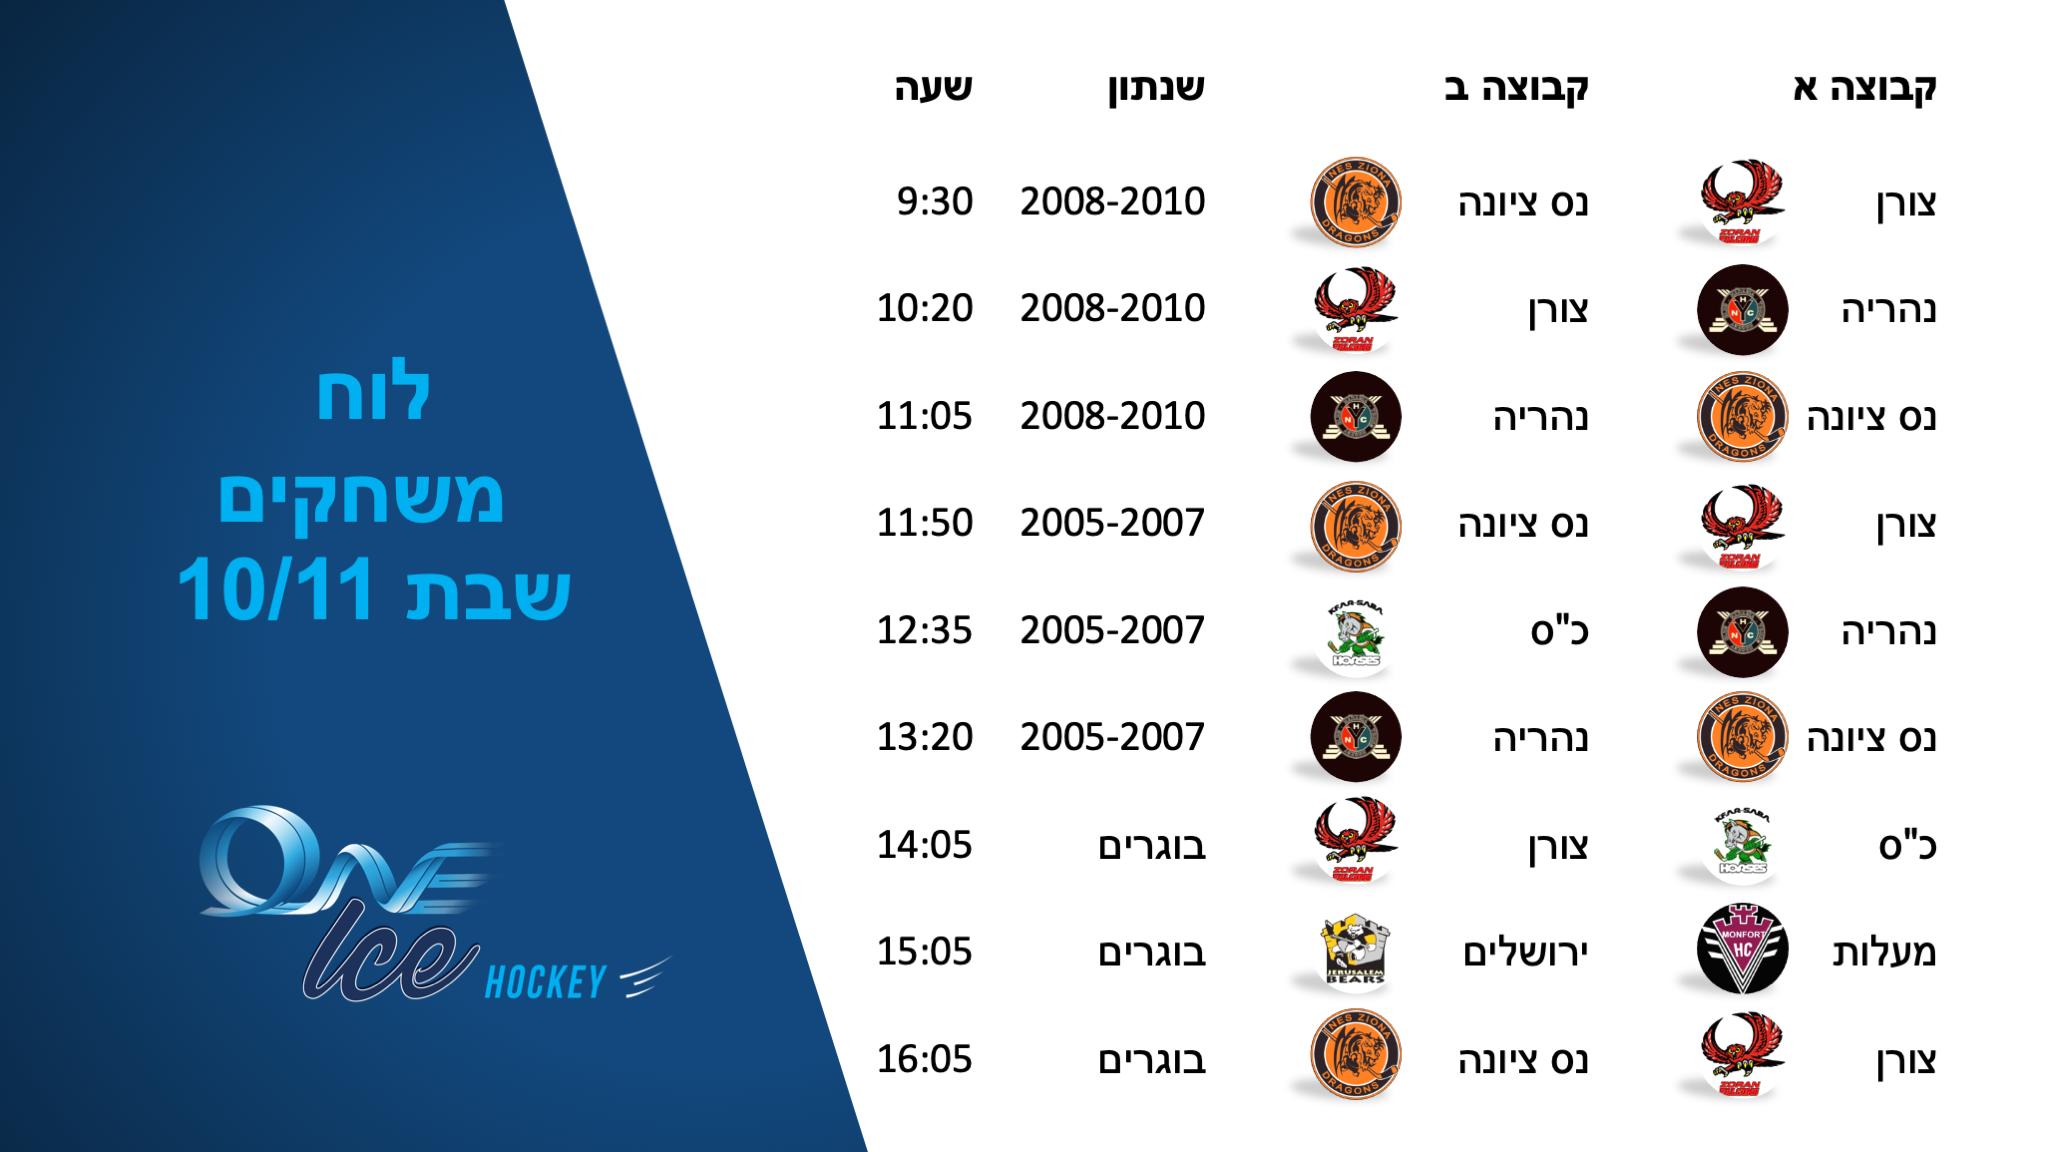 לוח הזמנים לשבת הקרובה – שבת ראשונה בטורניר רולר הוקי פתיחת העונה